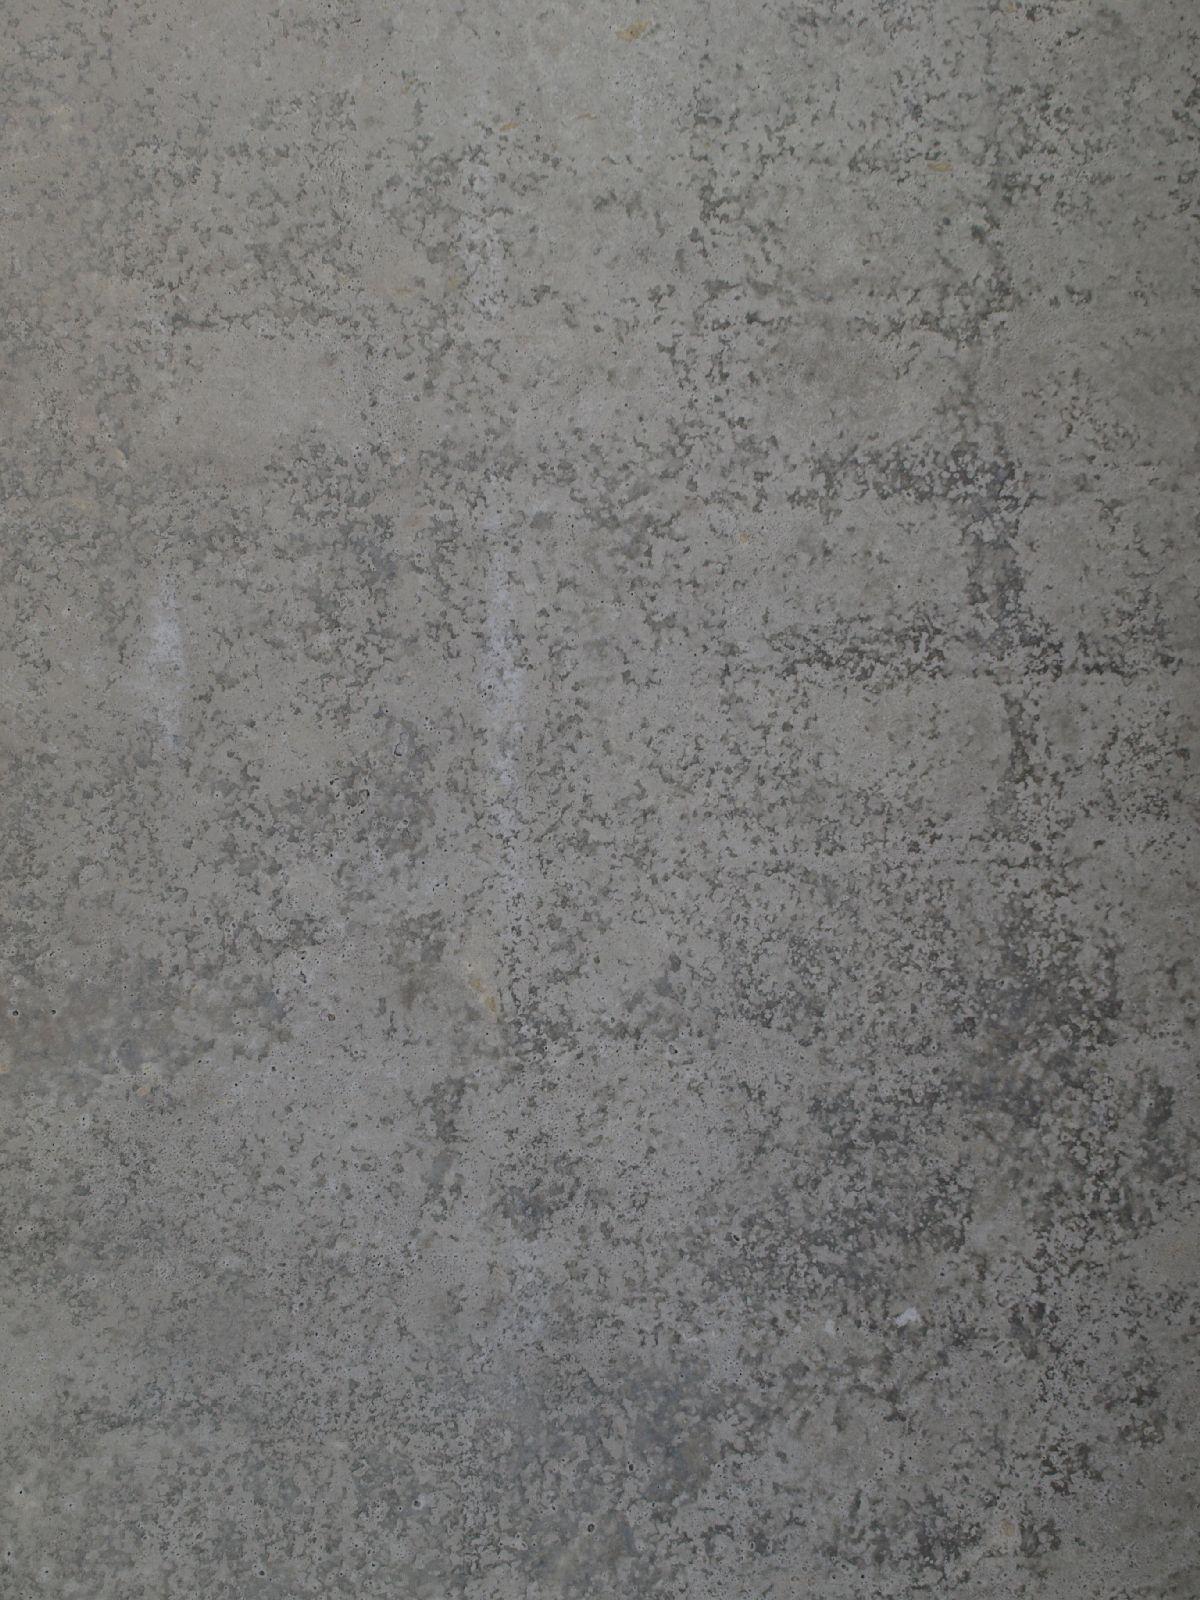 Stein_Textur_A_P5232919